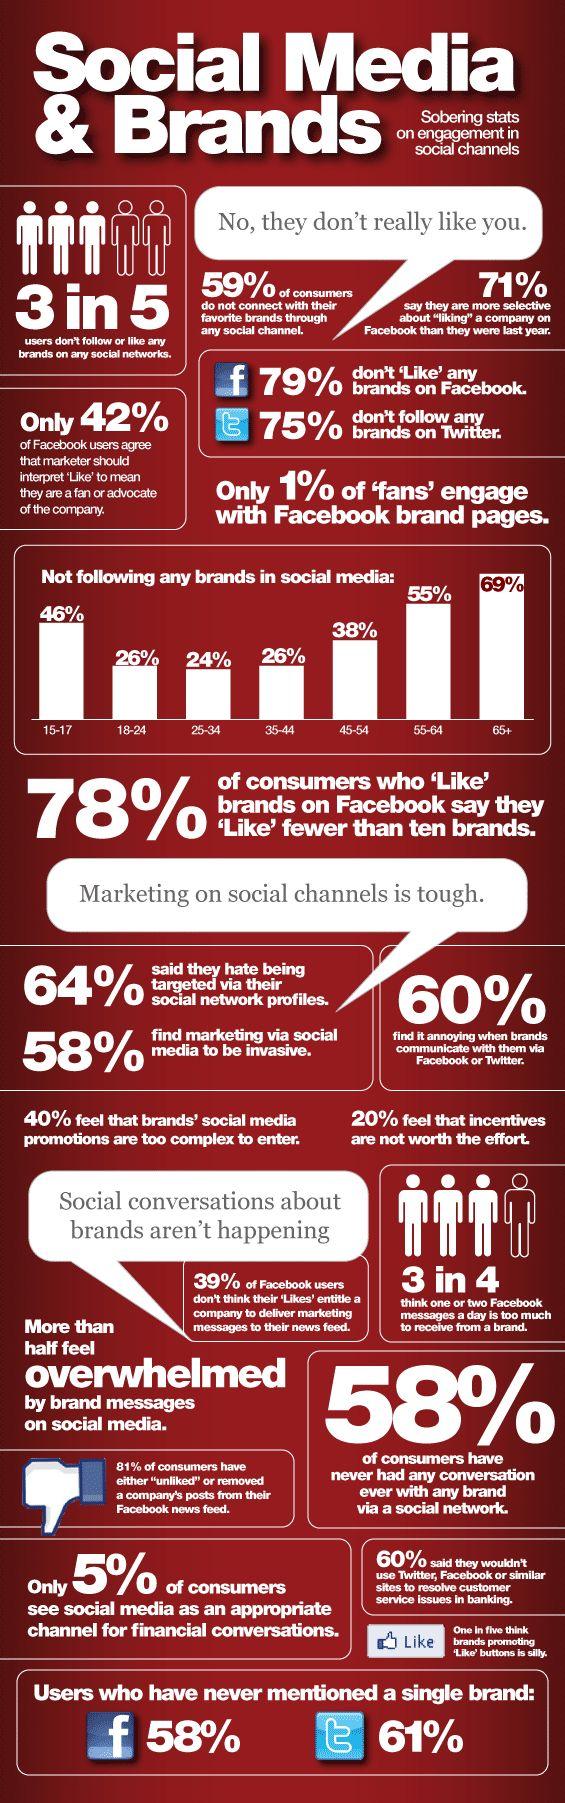 Brands struggle in social media: Social Network, Media Branding, Marketing Socialmedia, Social Media, Branding Socialmedia, Socialmedia Usuario Jpg, Medium, Branding Infographic